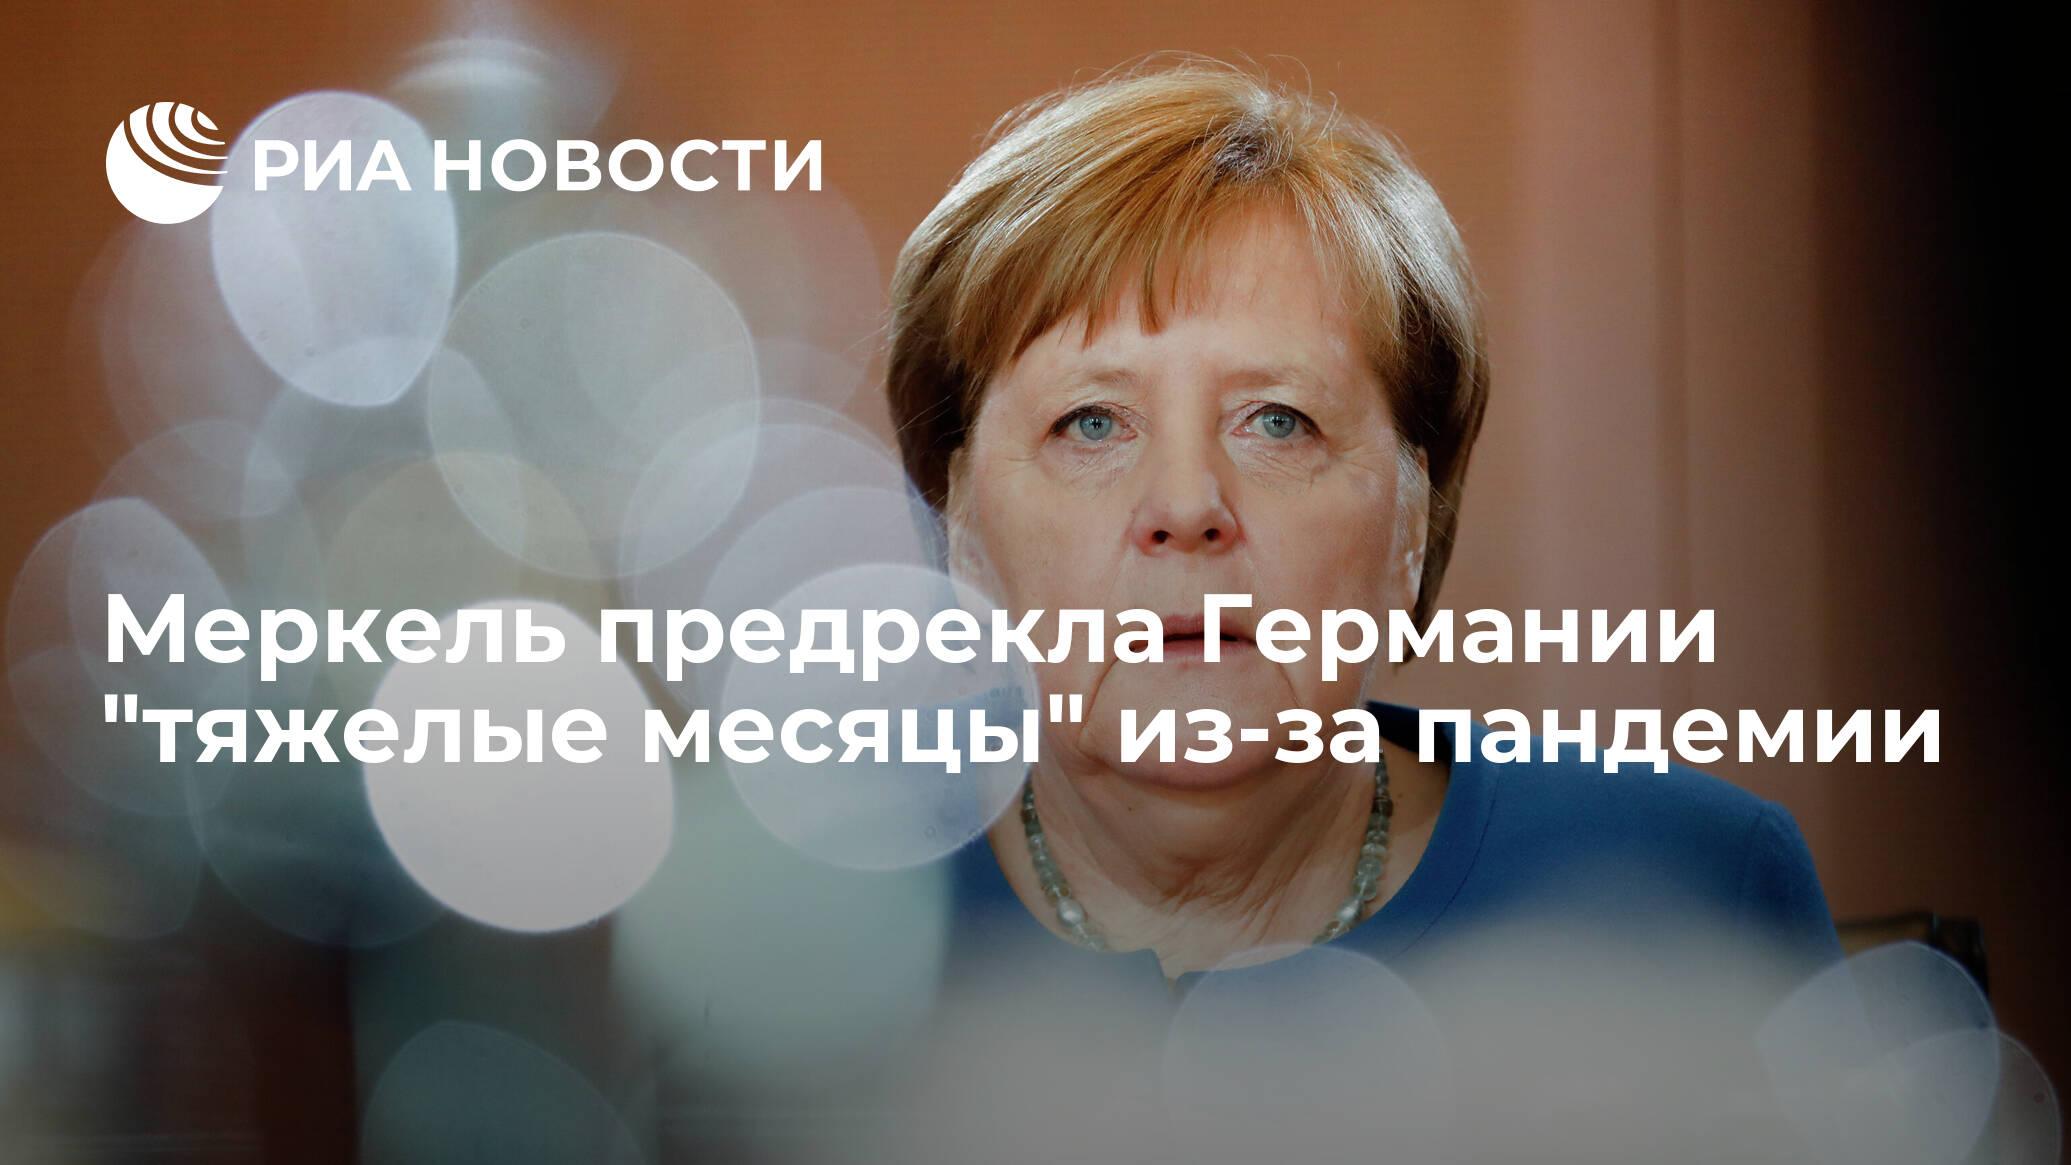 """Меркель предрекла Германии """"тяжелые месяцы"""" из-за пандемии - РИА Новости, 24.10.2020"""